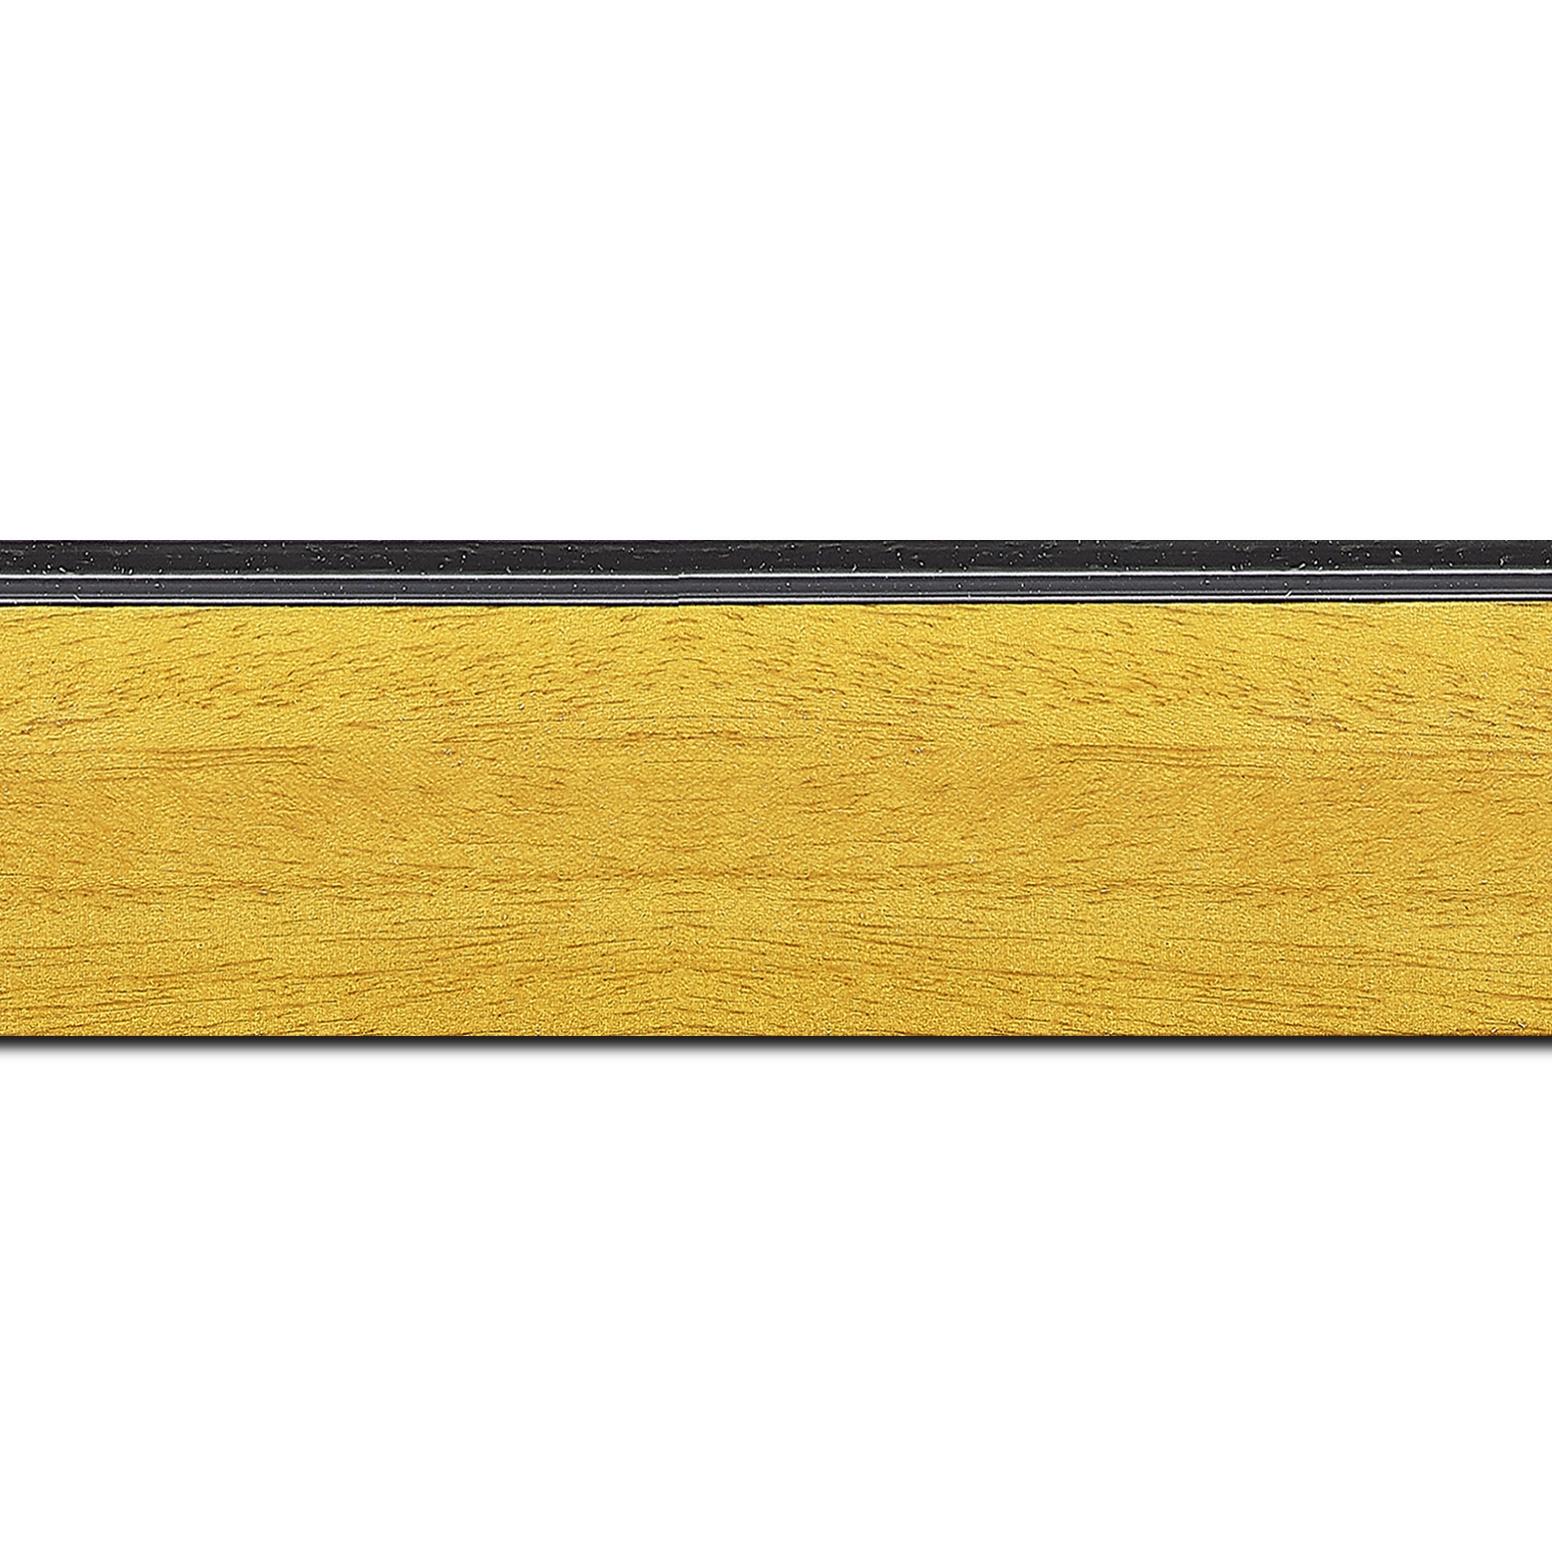 Baguette longueur 1.40m bois profil en pente méplat largeur 4.8cm couleur jaune tournesol satiné surligné par une gorge extérieure noire : originalité et élégance assurée